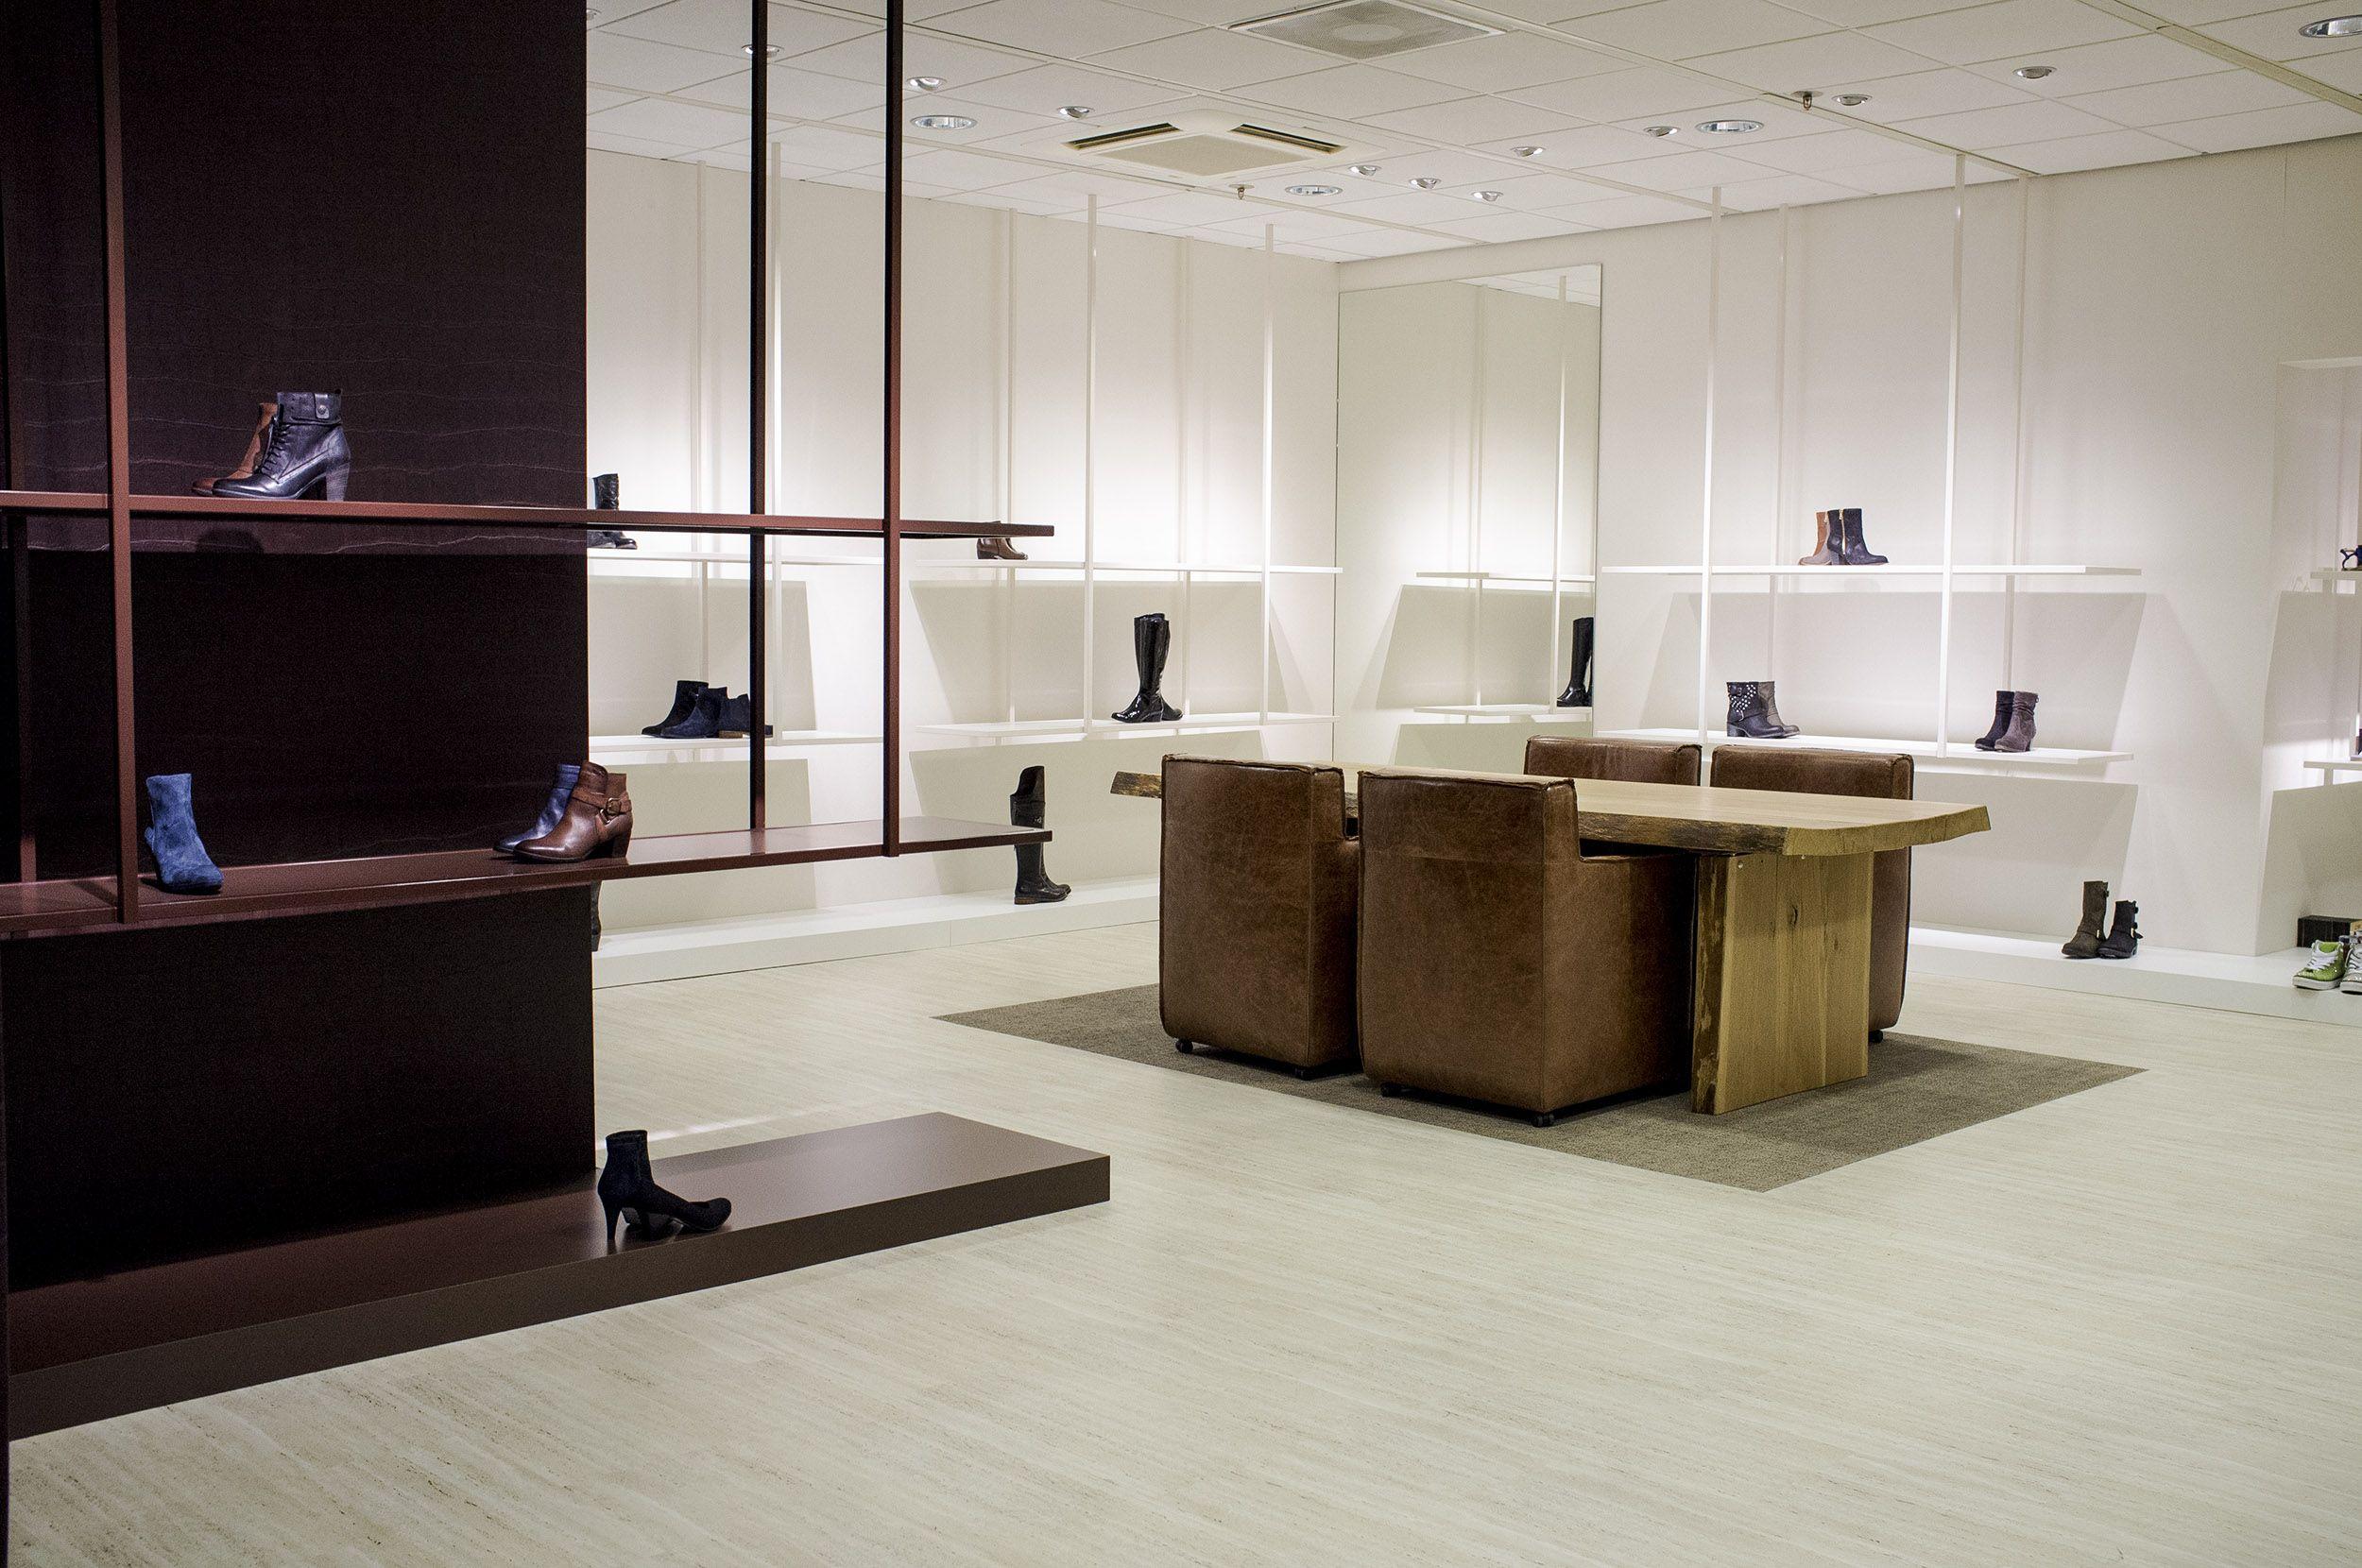 fijri maatwerk interieur schoenenwinkel sieben nieuwegein ontwerp m